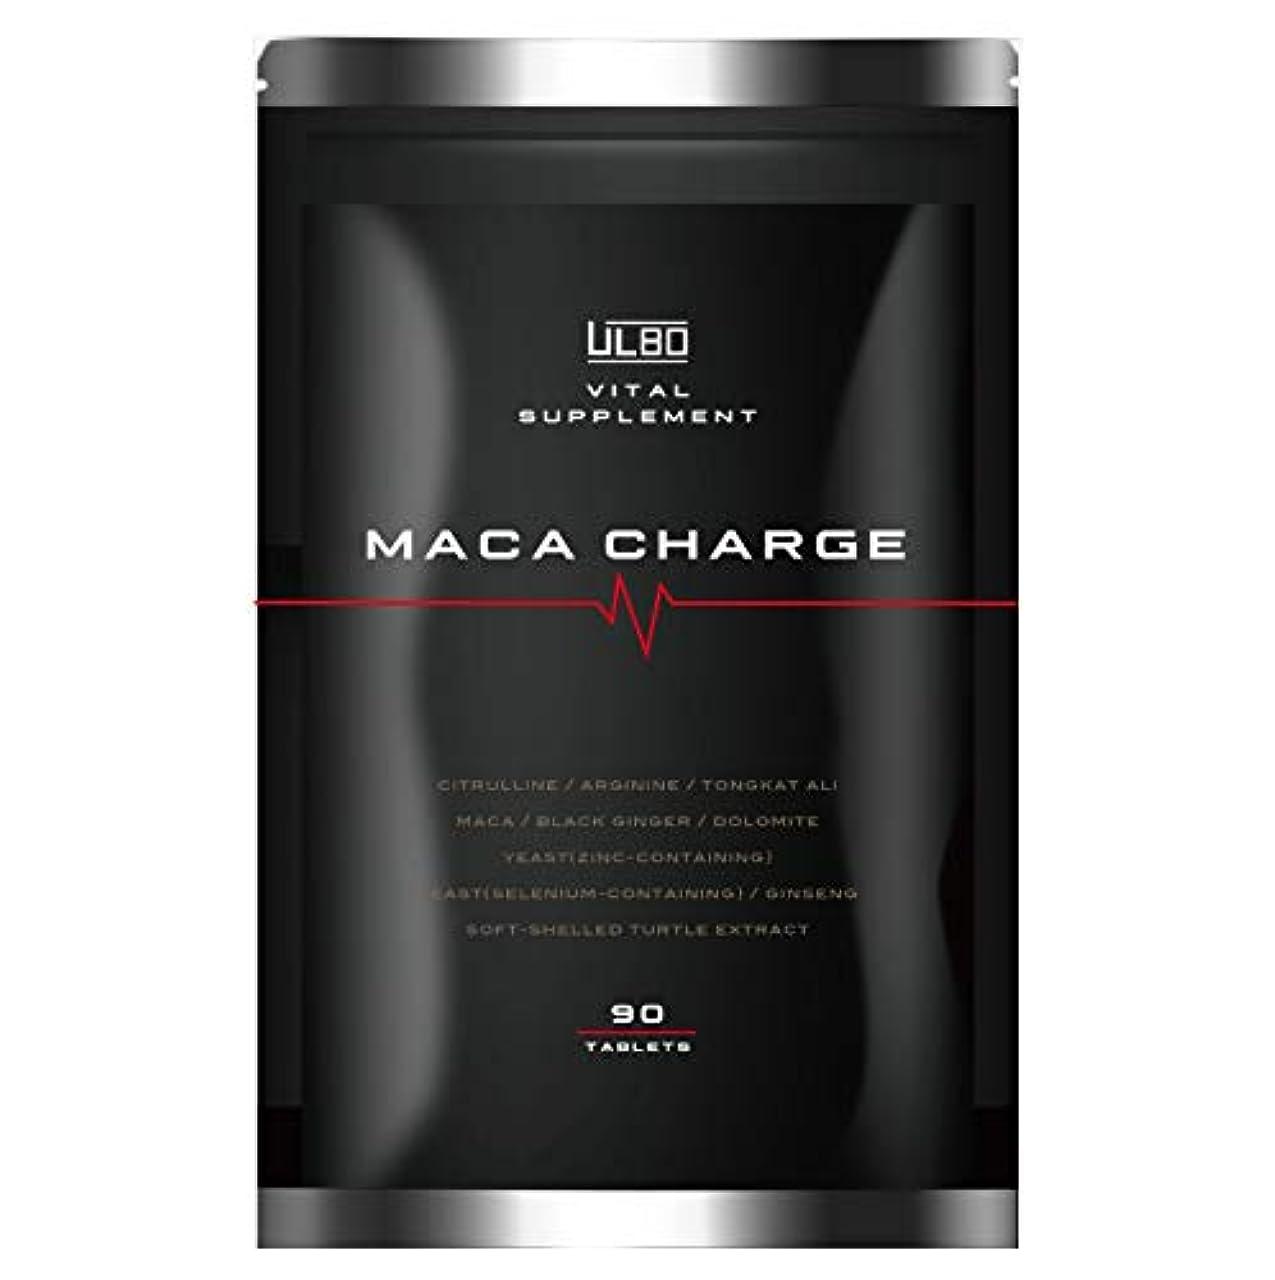 コーンそこからナンセンスULBO MACA CHARGE シトルリン アルギニン 亜鉛 マカ 厳選10種類 90粒 日本製